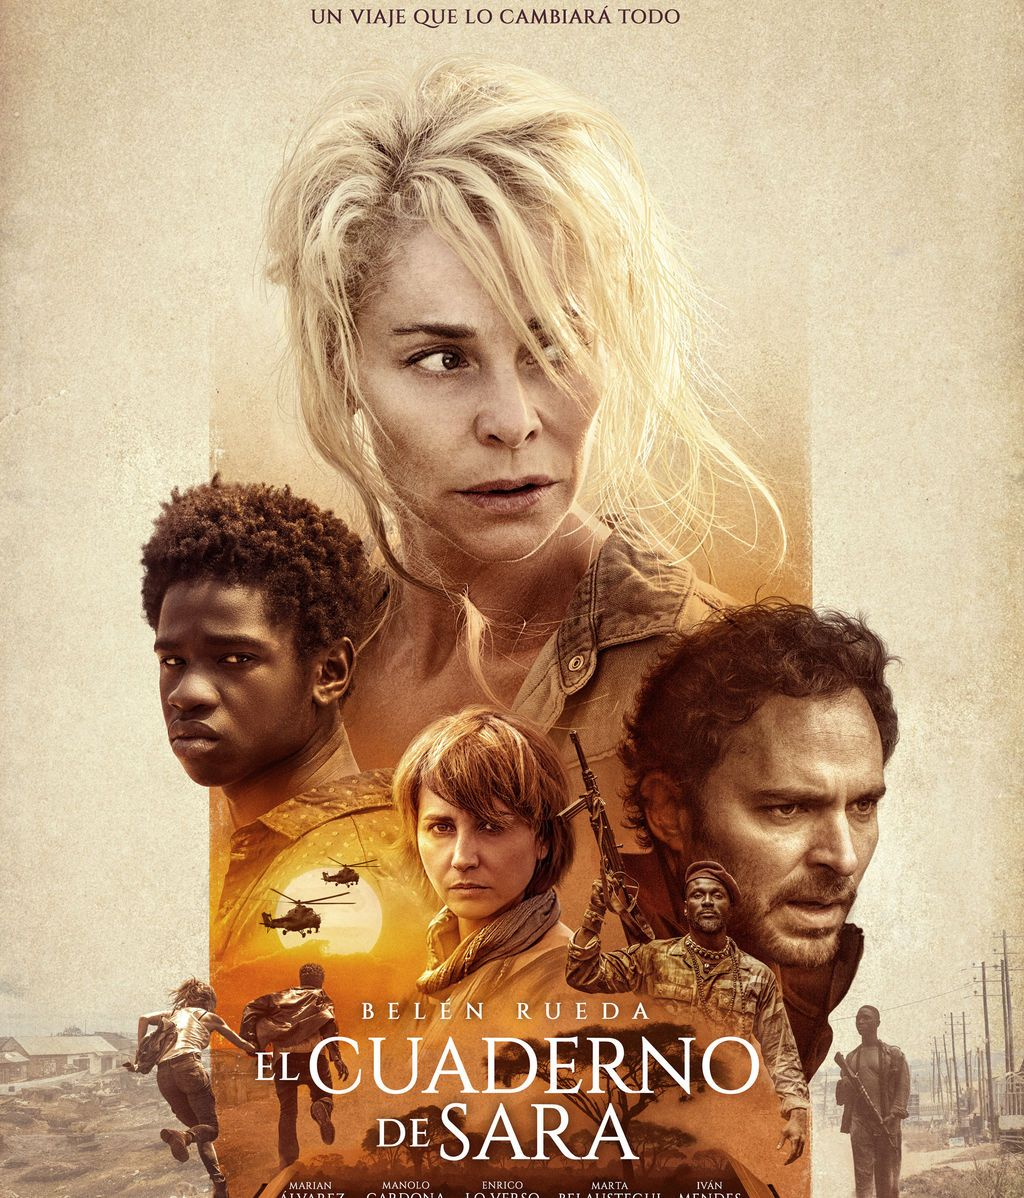 póster-el-cuaderno-_5a54b1859cb73